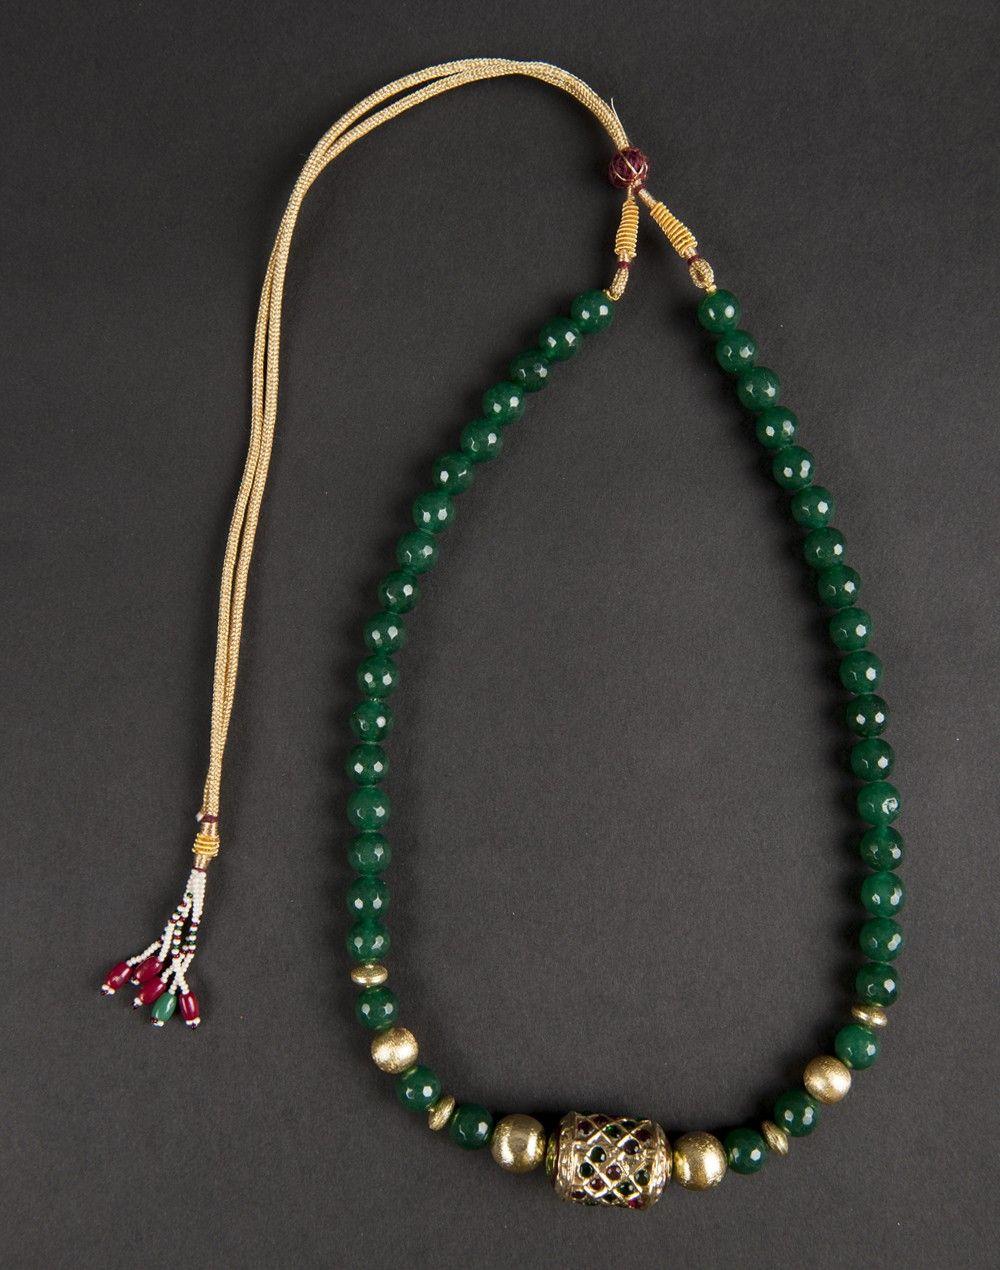 Beaded Jewelry Design